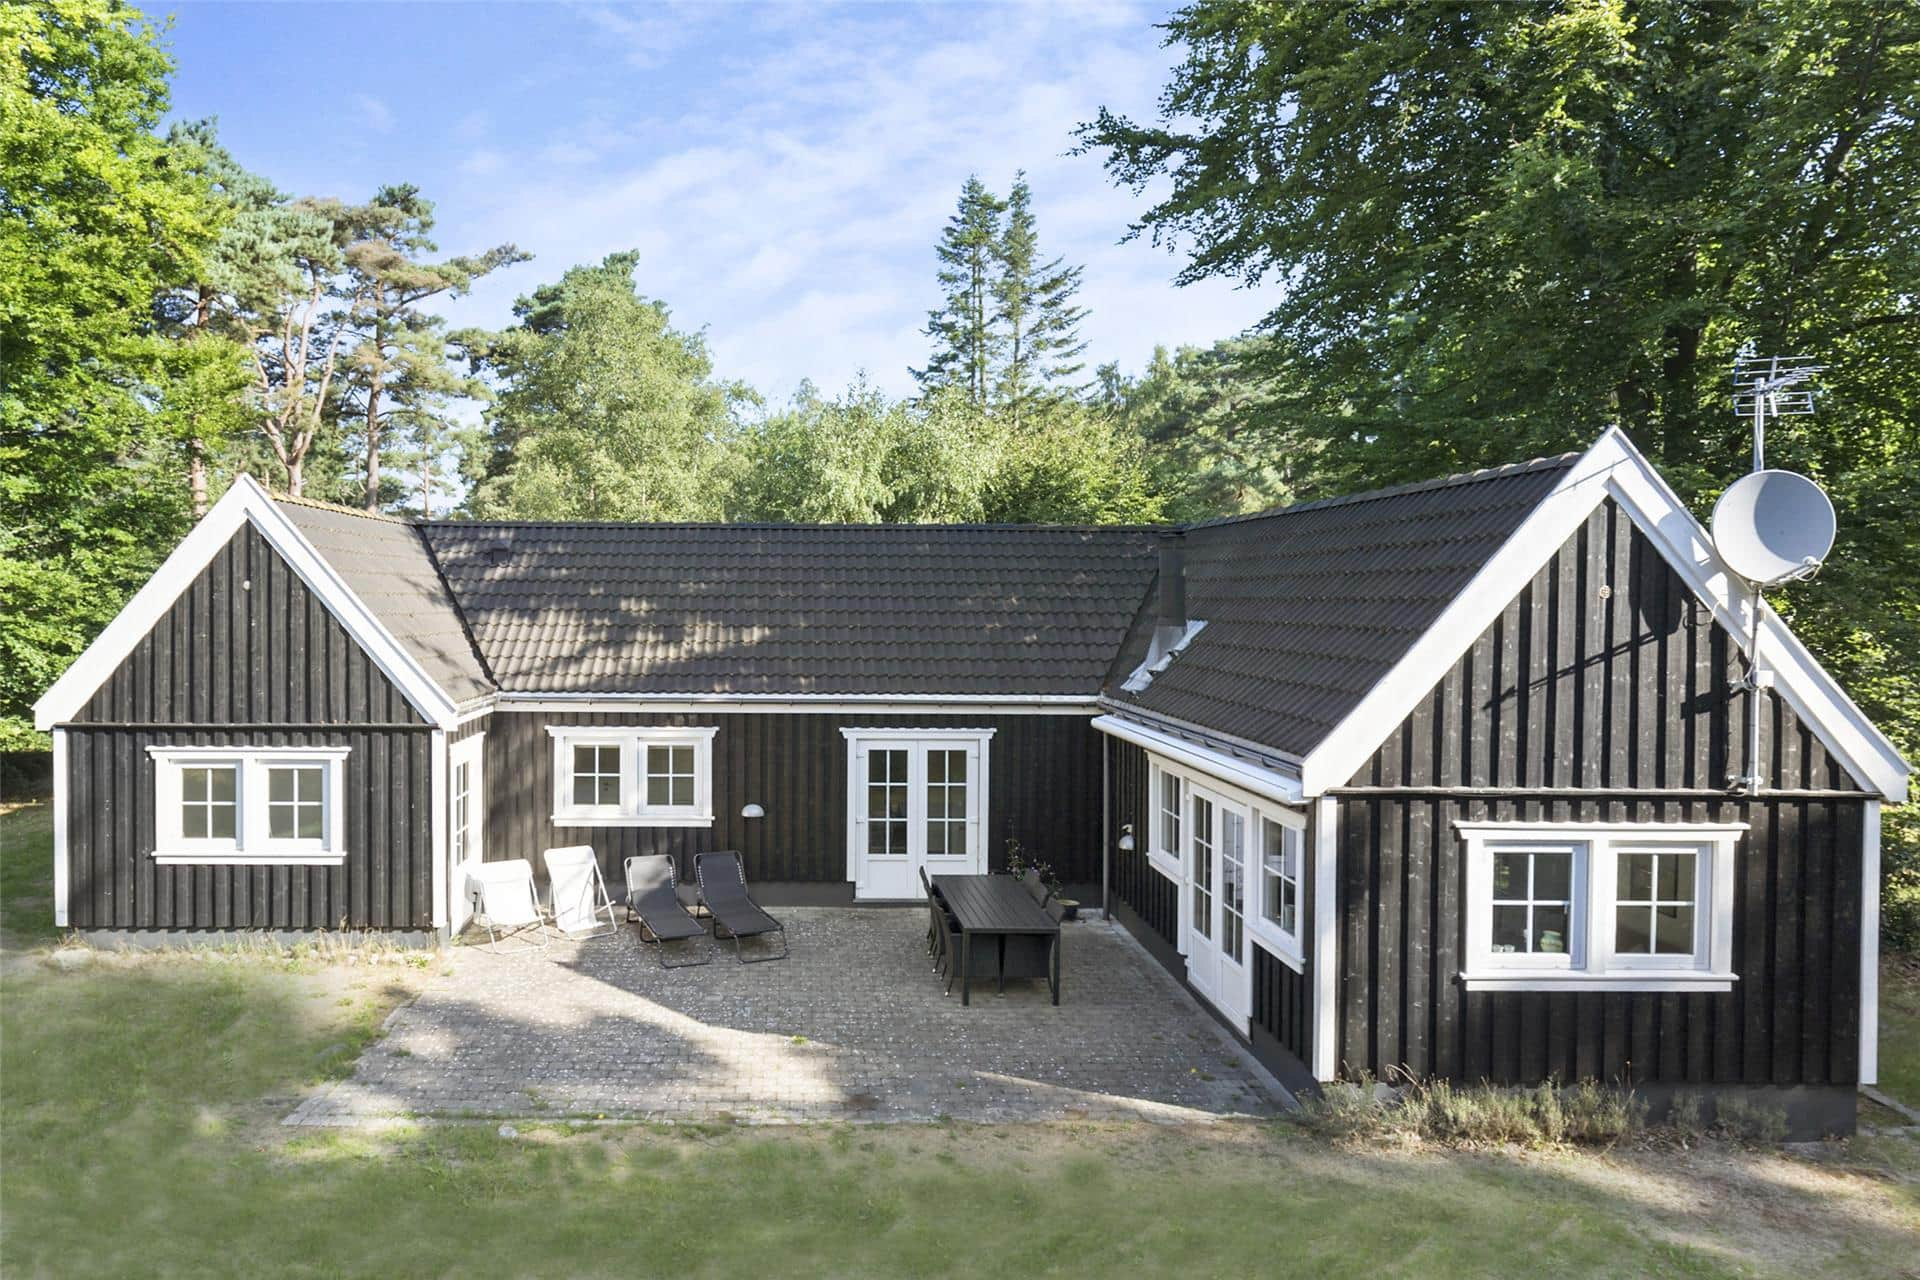 Billede 1-17 Sommerhus 11109, Aage Beyers Vænge 3, DK - 4500 Nykøbing Sj